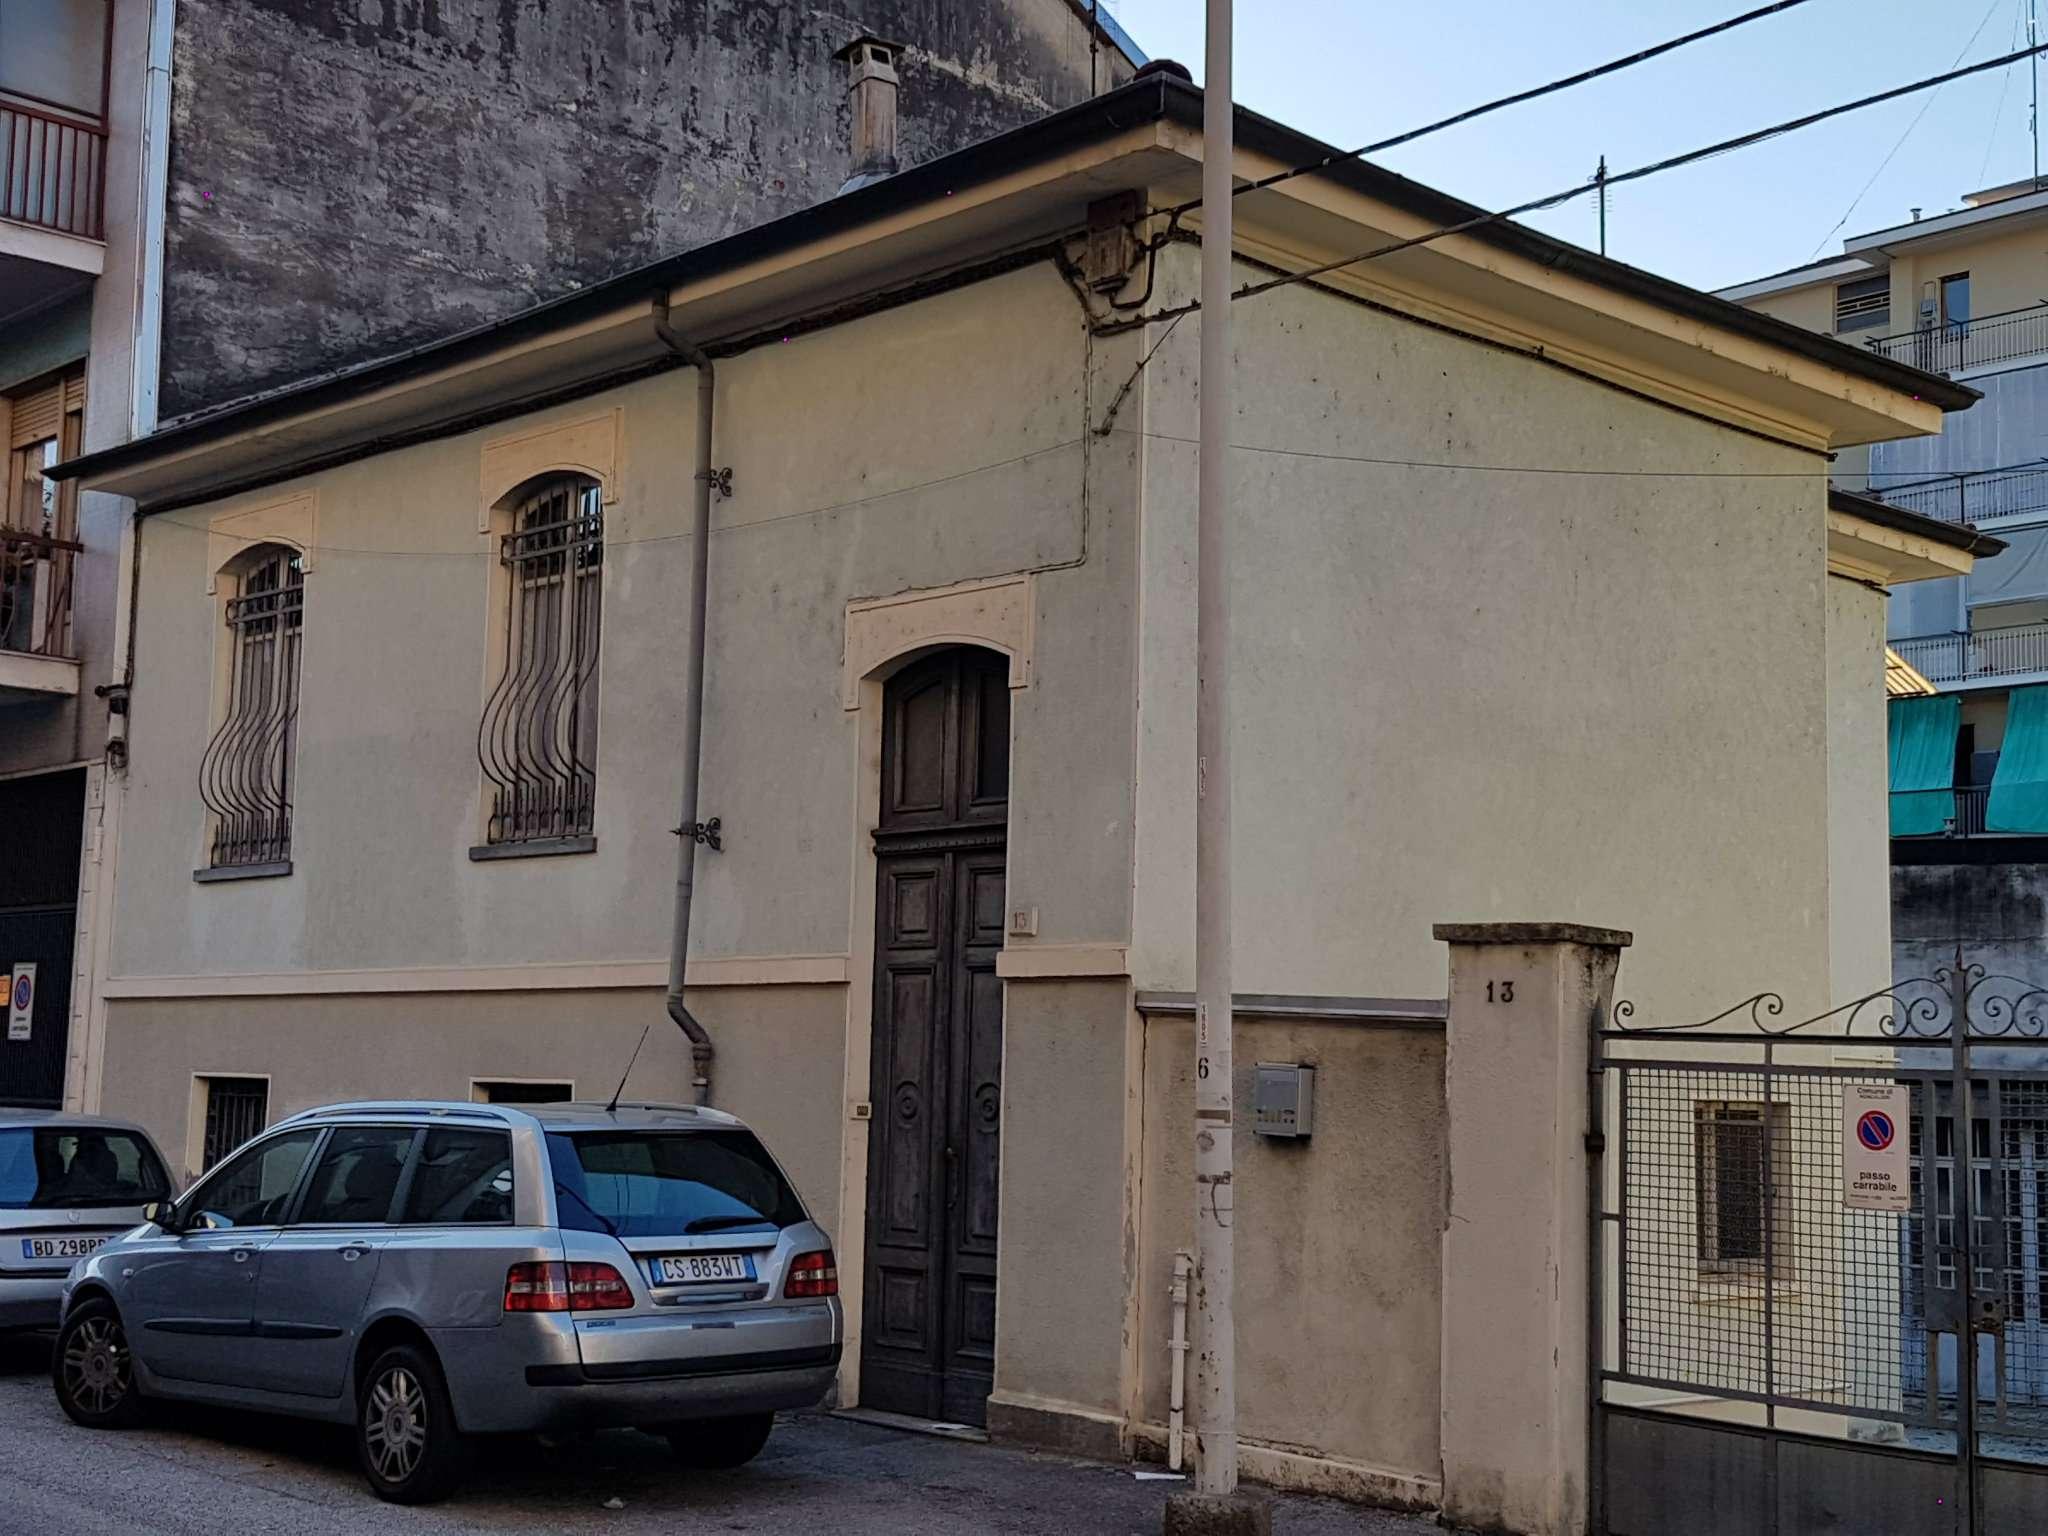 via   Zara 13 - Moncalieri - CASETTA INDIPENDENTE SU 3 LATI CON CORTILE PRIVATO ED AUTORIMESSA. ? 230.000